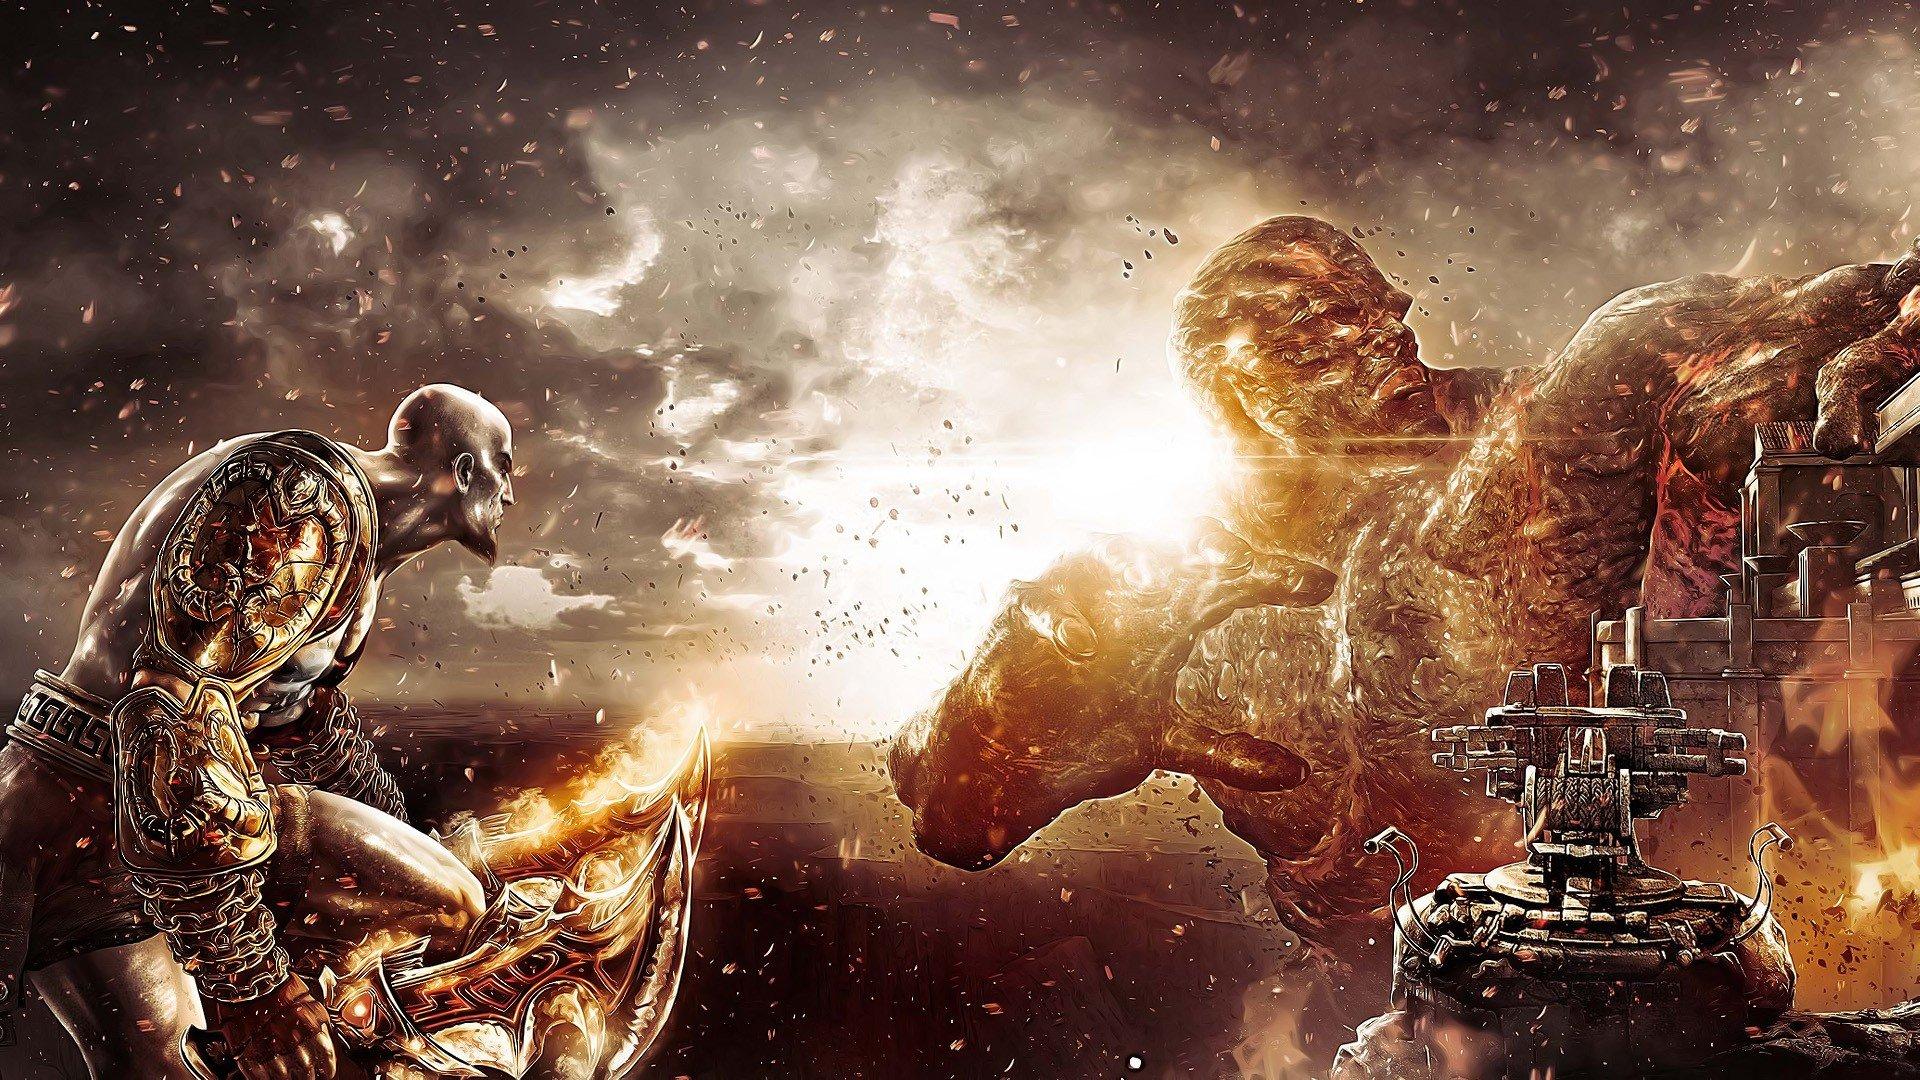 Hermes god of war 3